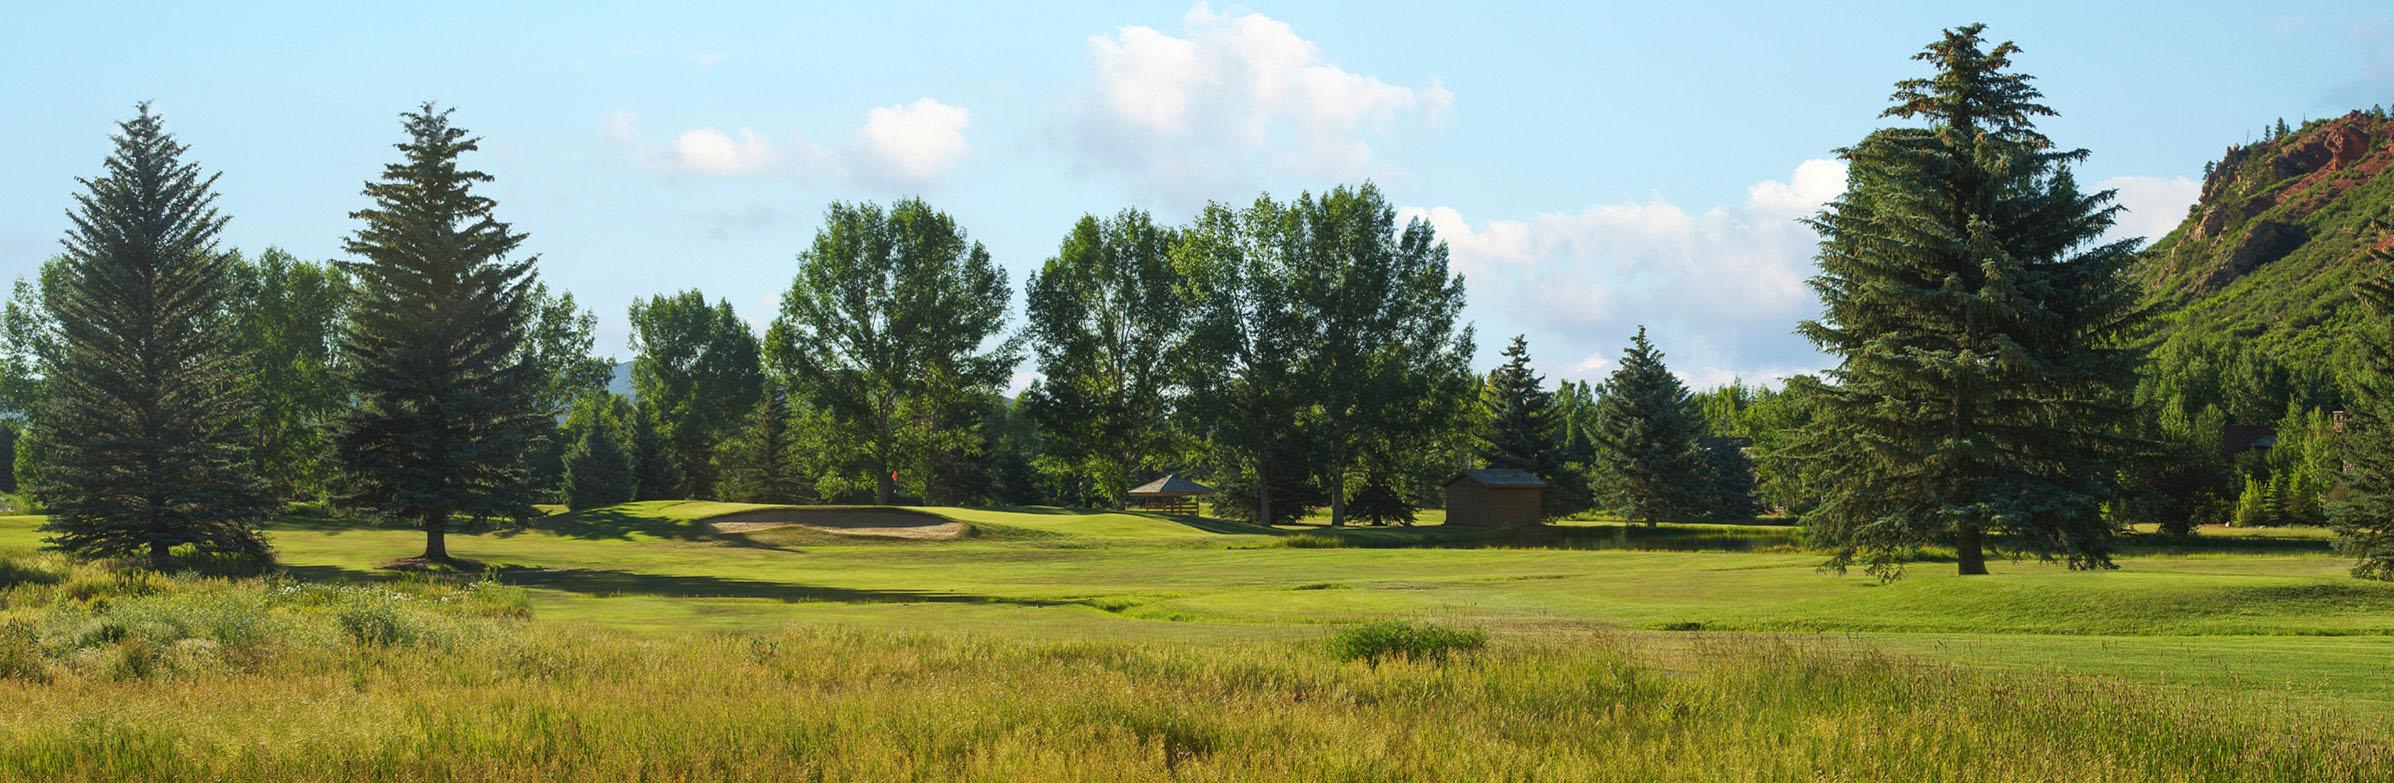 Golf Course Image - Aspen Golf Course No. 3